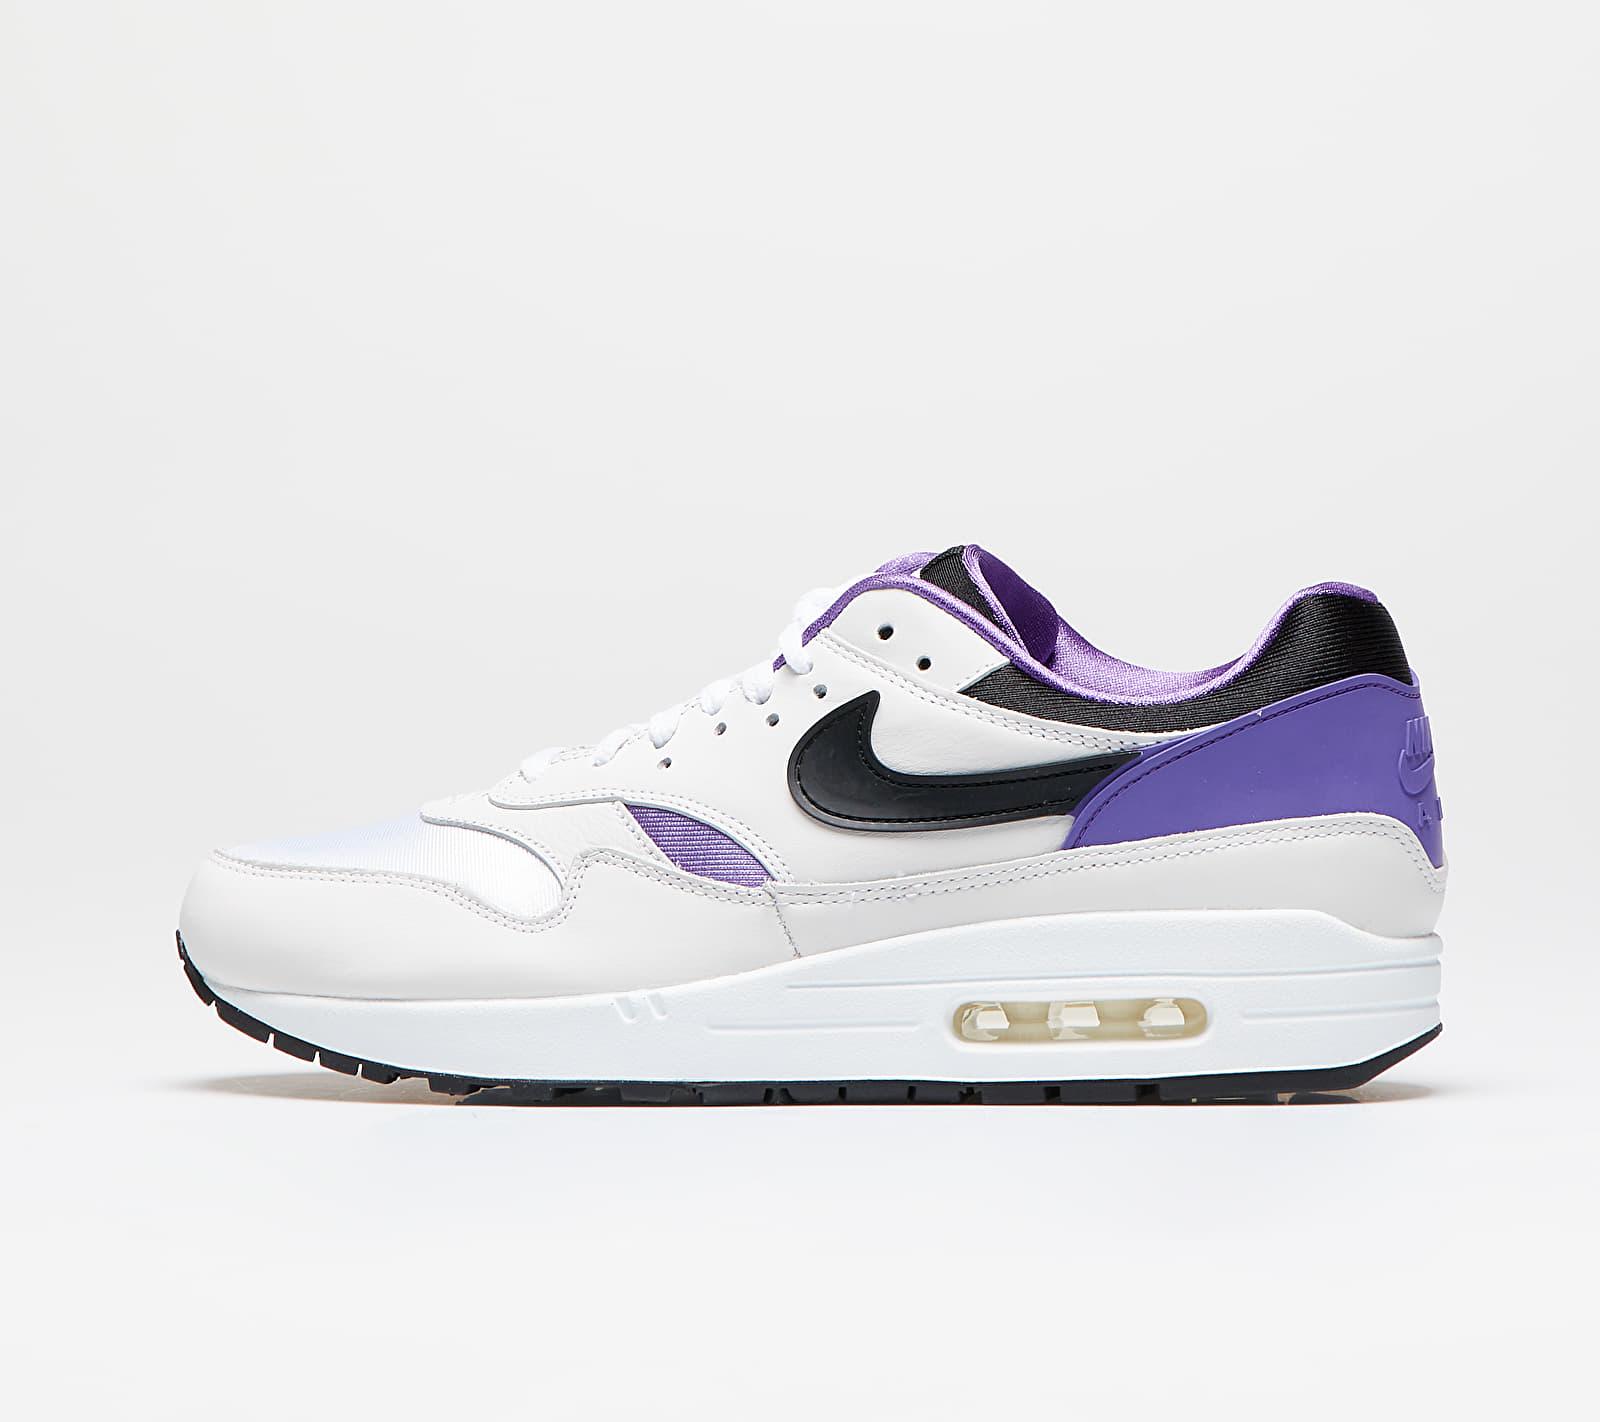 Nike Air Max 1 DNA CH.1 White/ Black-Purple Punch AR3863-101